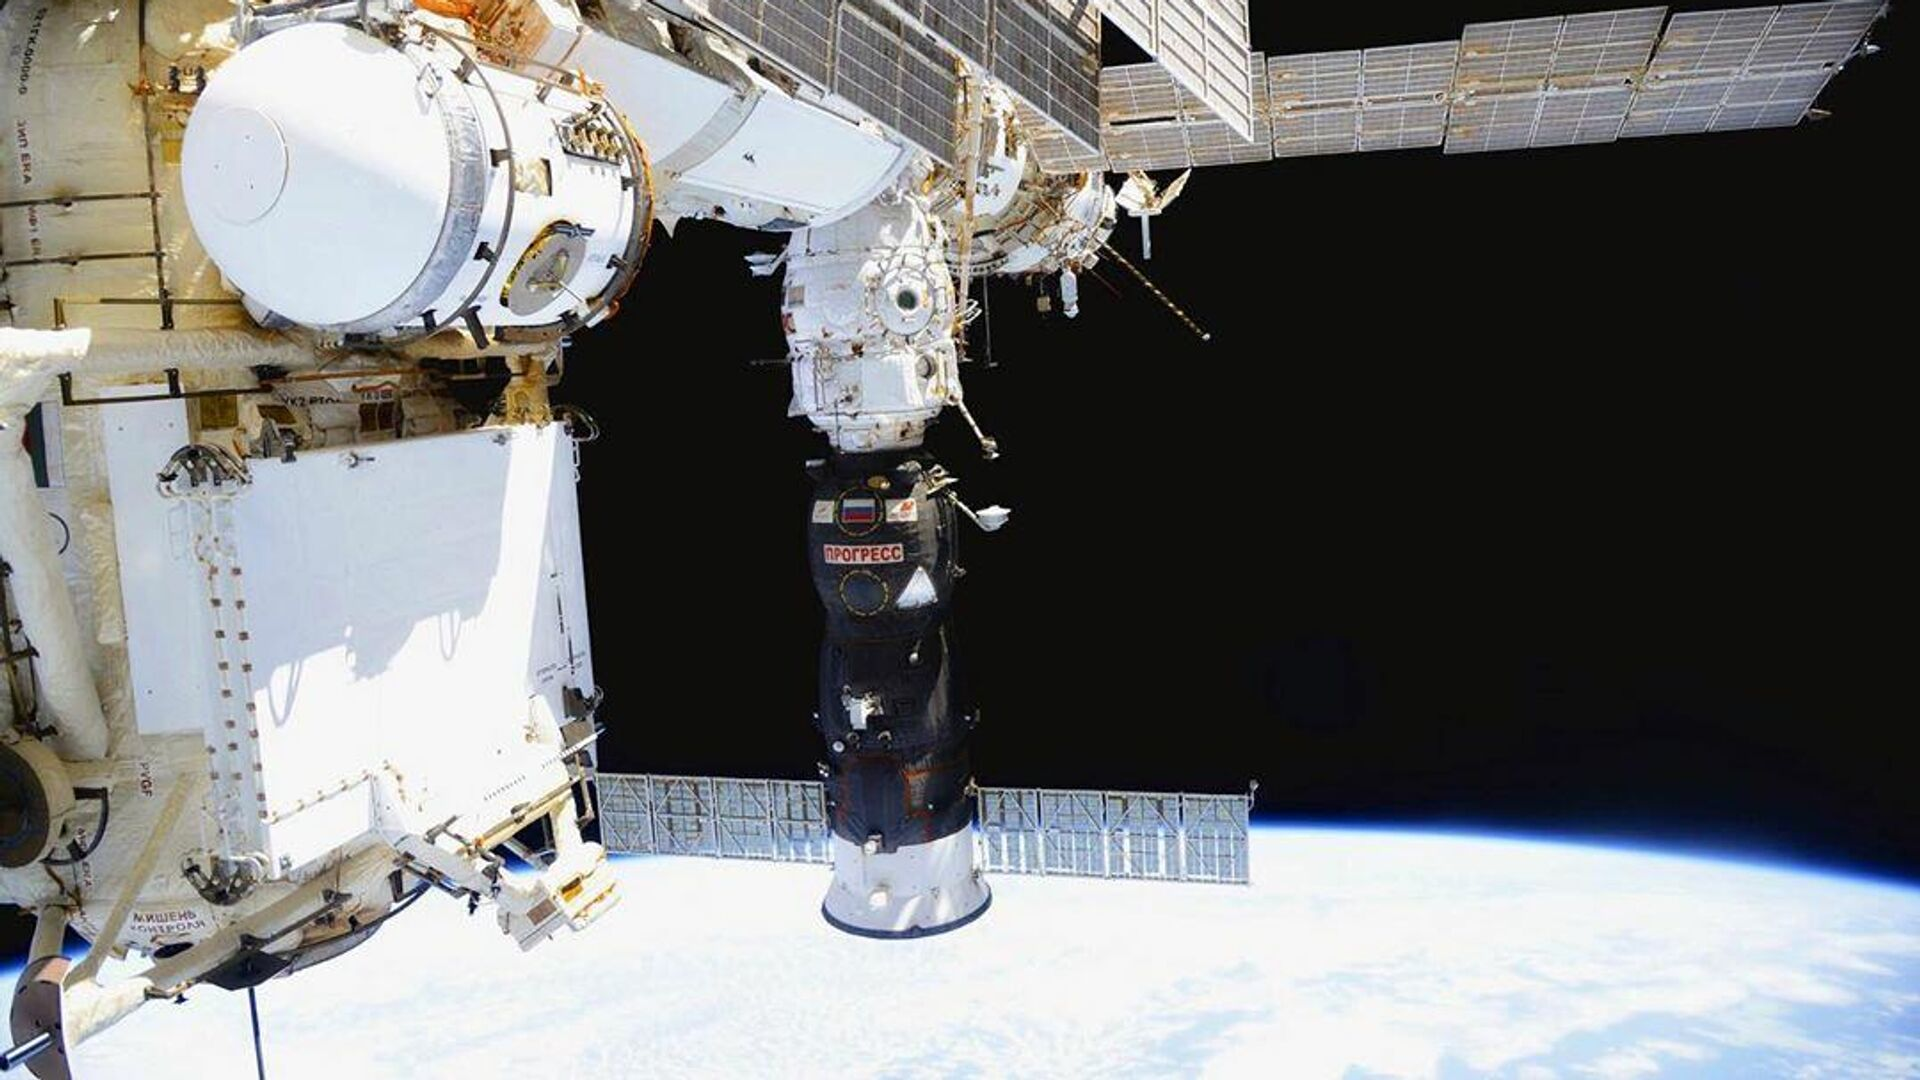 Грузовой корабль Прогресс пристыкованный к Международной космической станции - РИА Новости, 1920, 19.10.2020